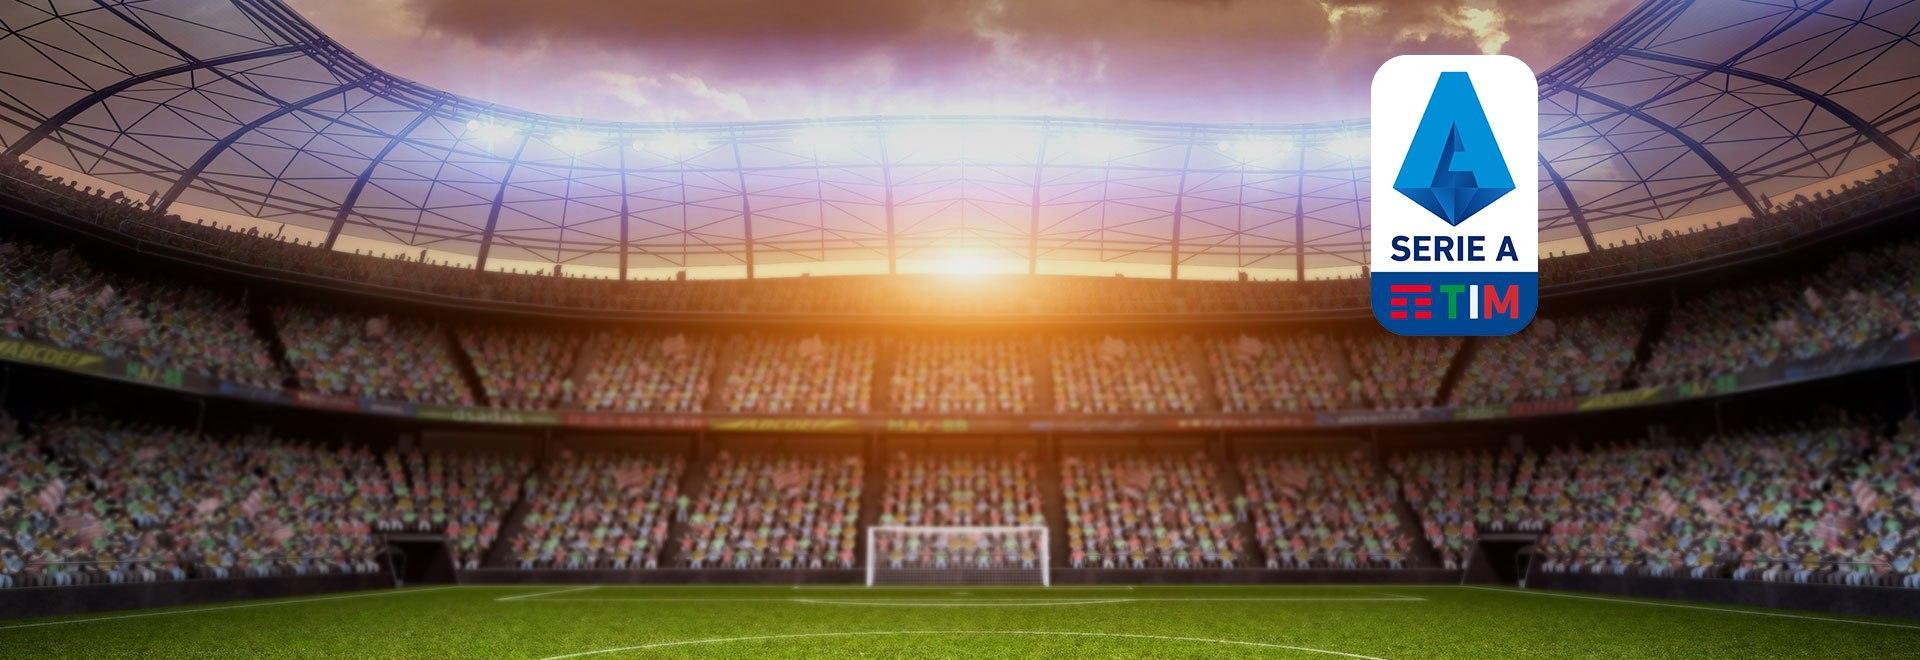 Bologna - Sampdoria